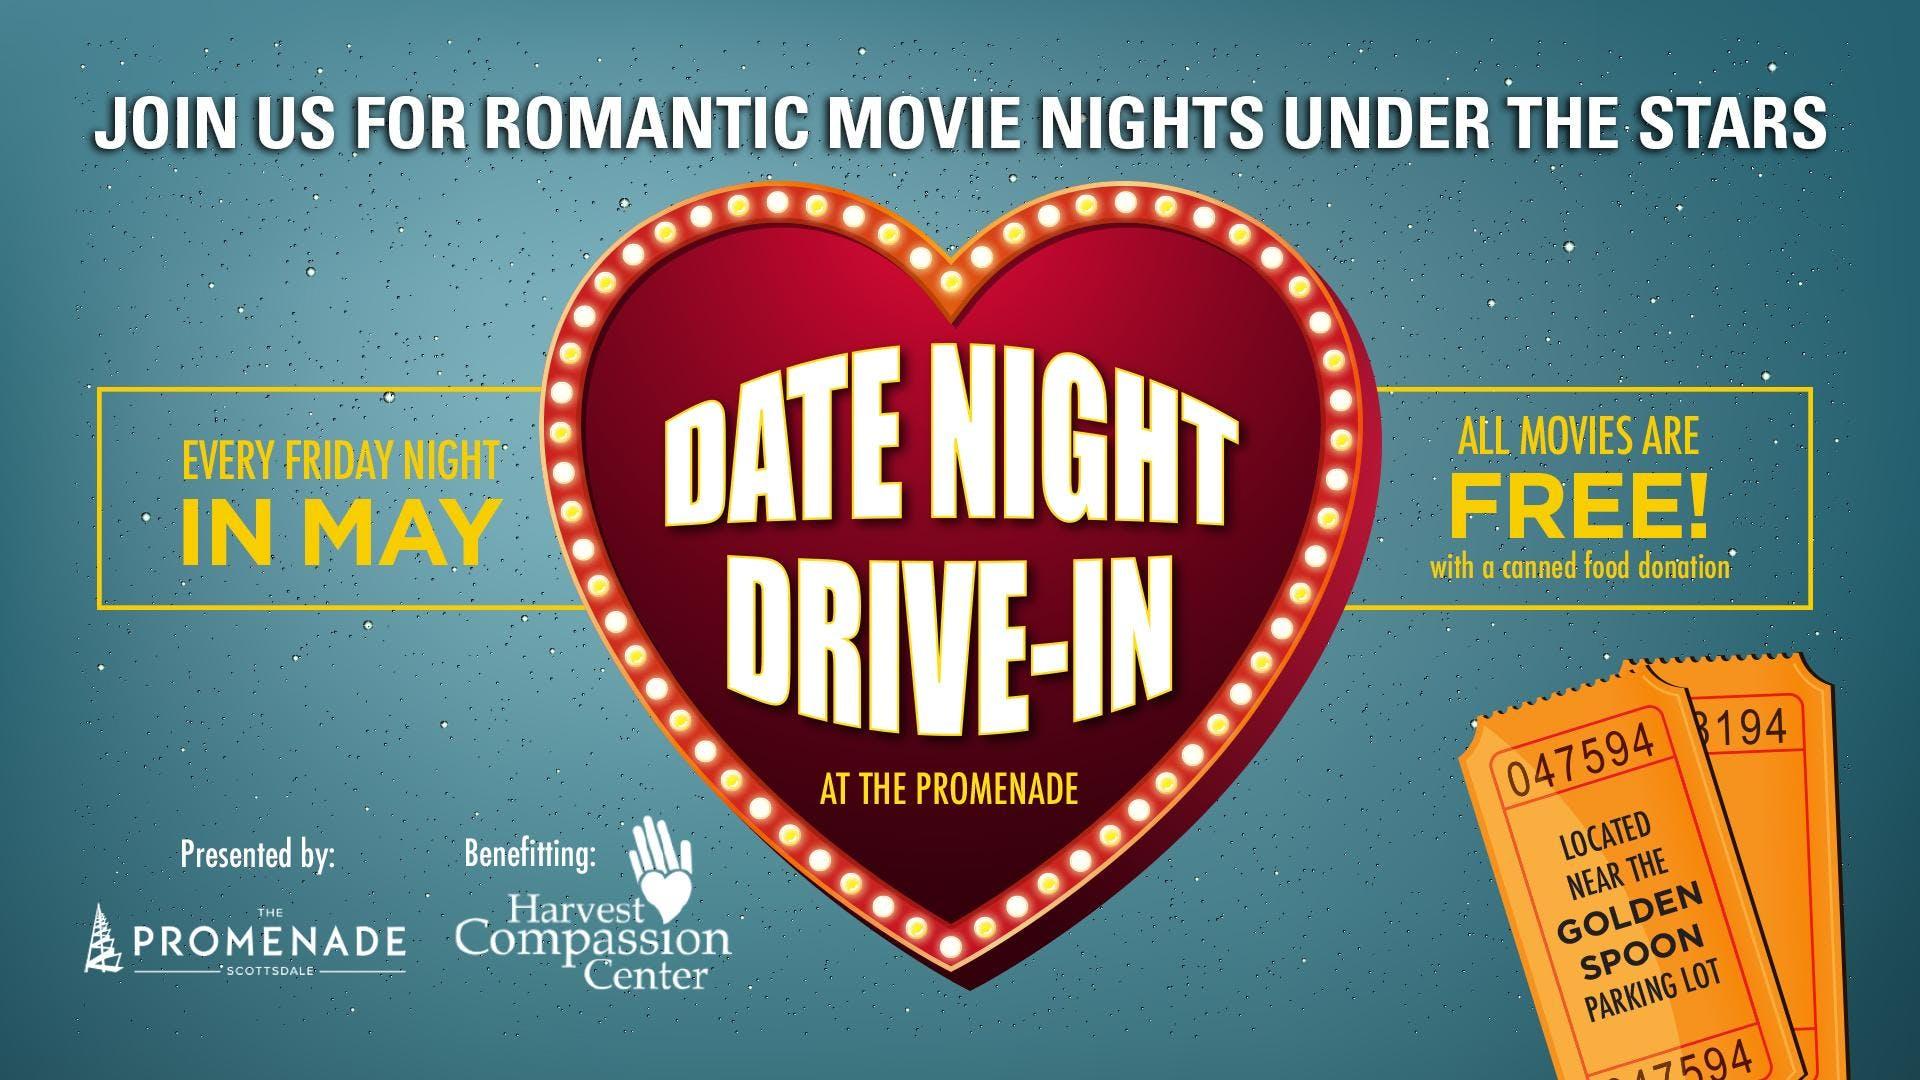 Date Night Drive-In